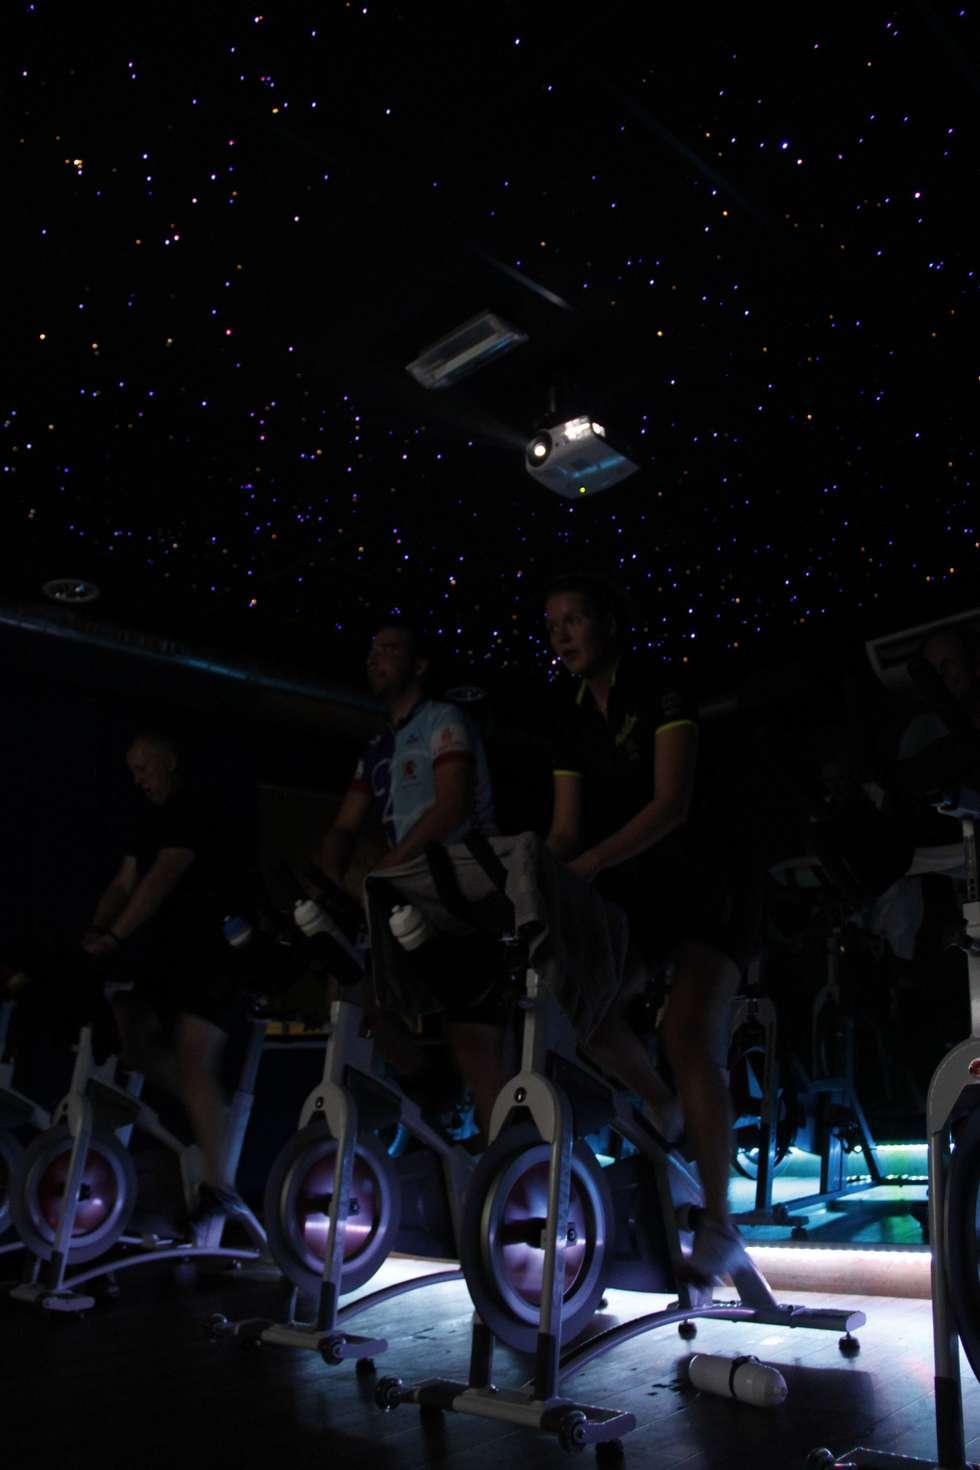 Spinning ruimte Sportschool Sterrenhemel plafond verlichting op de maat van de muziek:  Evenementenlocaties door MyCosmos